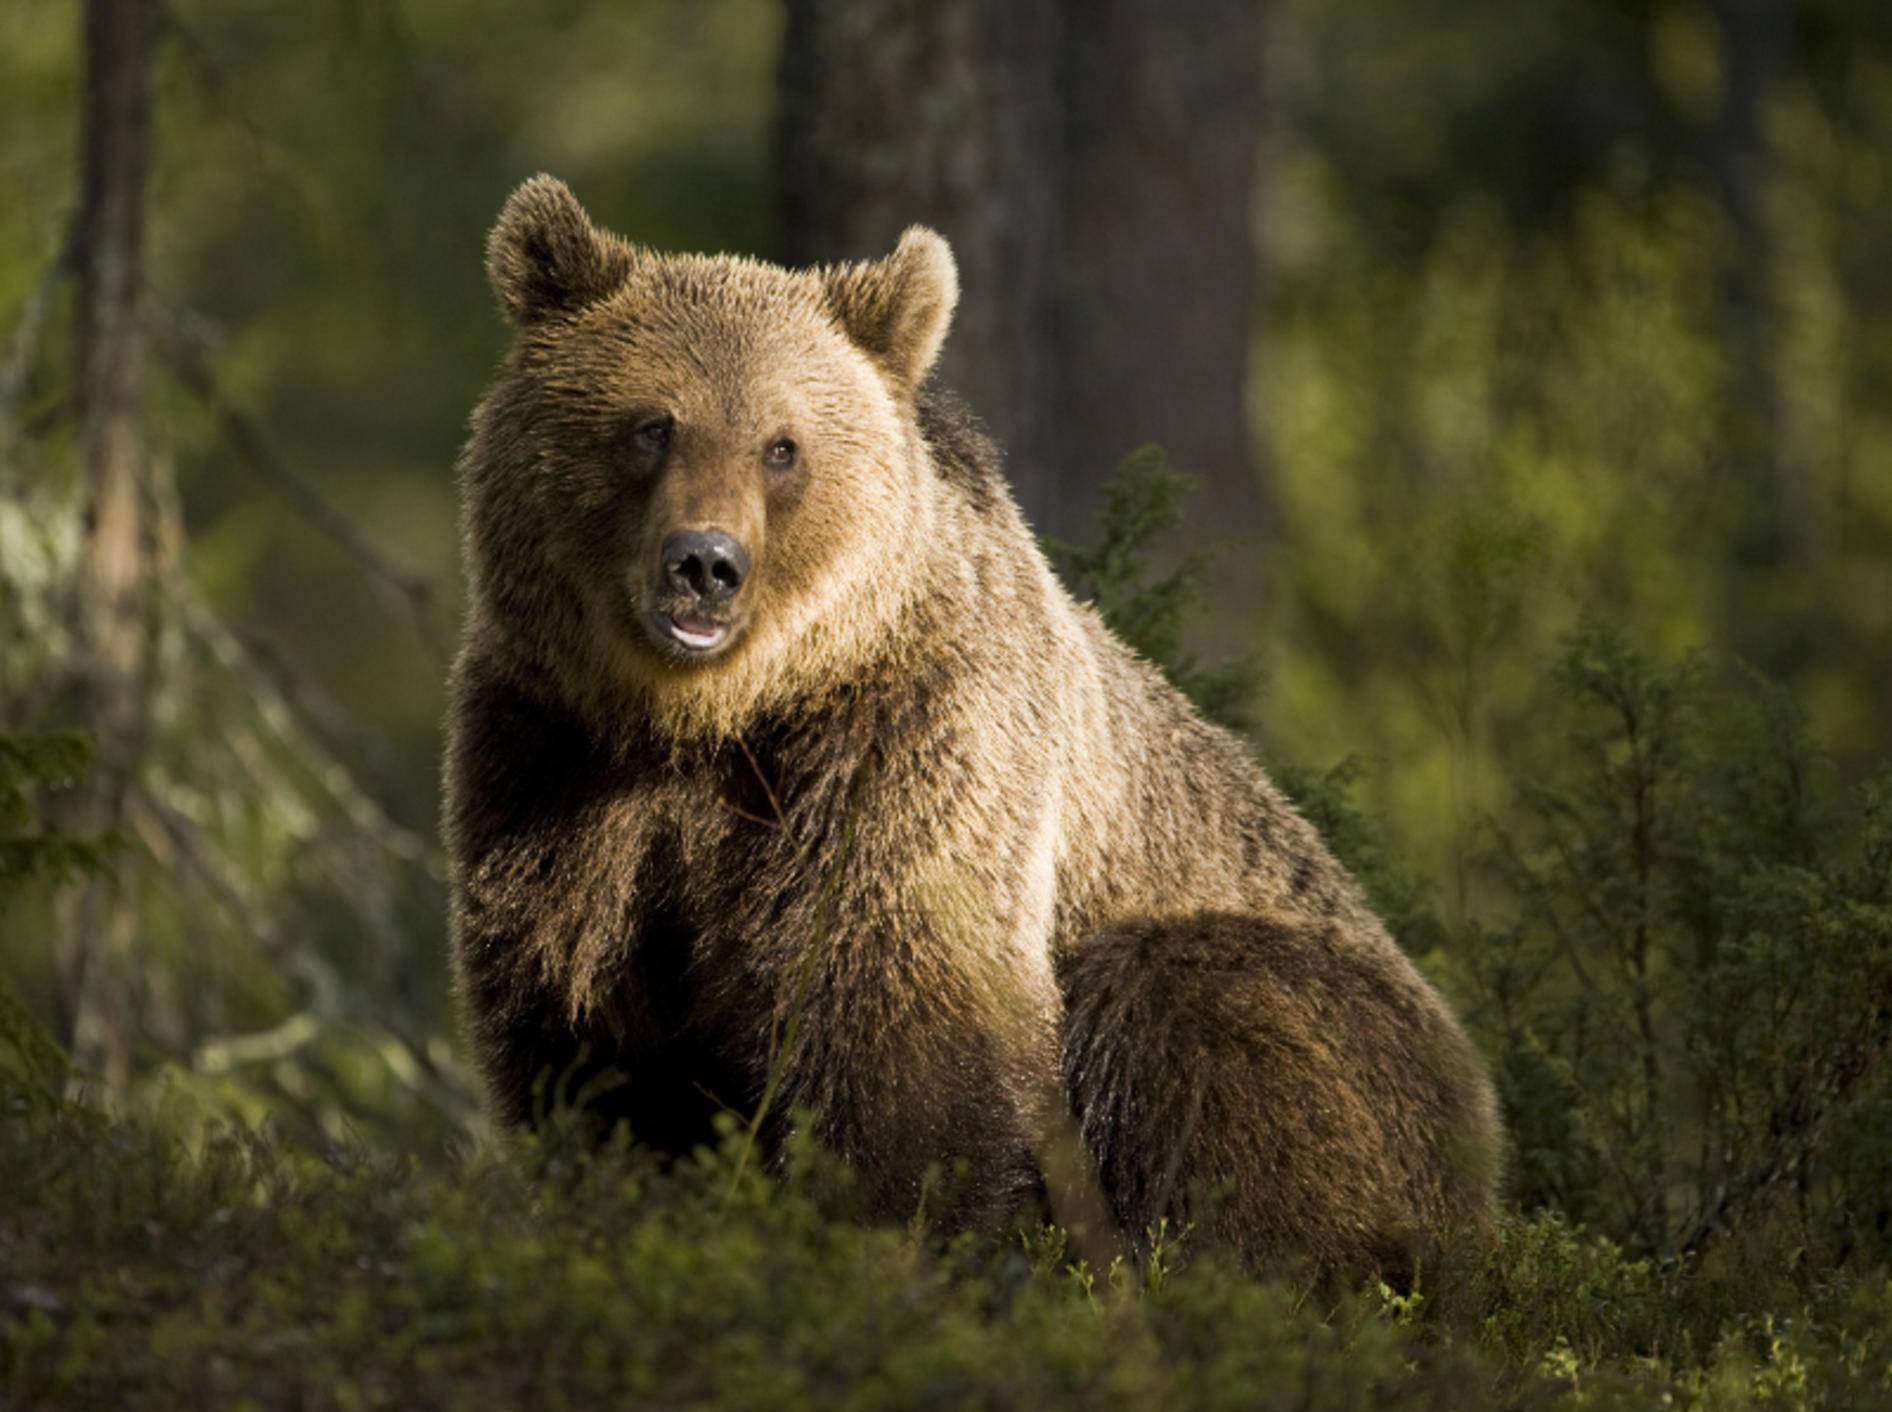 Der Braunbär hat ein dunkelbraunes Fell, das viele Farbschattierungen haben kann – Bild: Shutterstock / BMJ